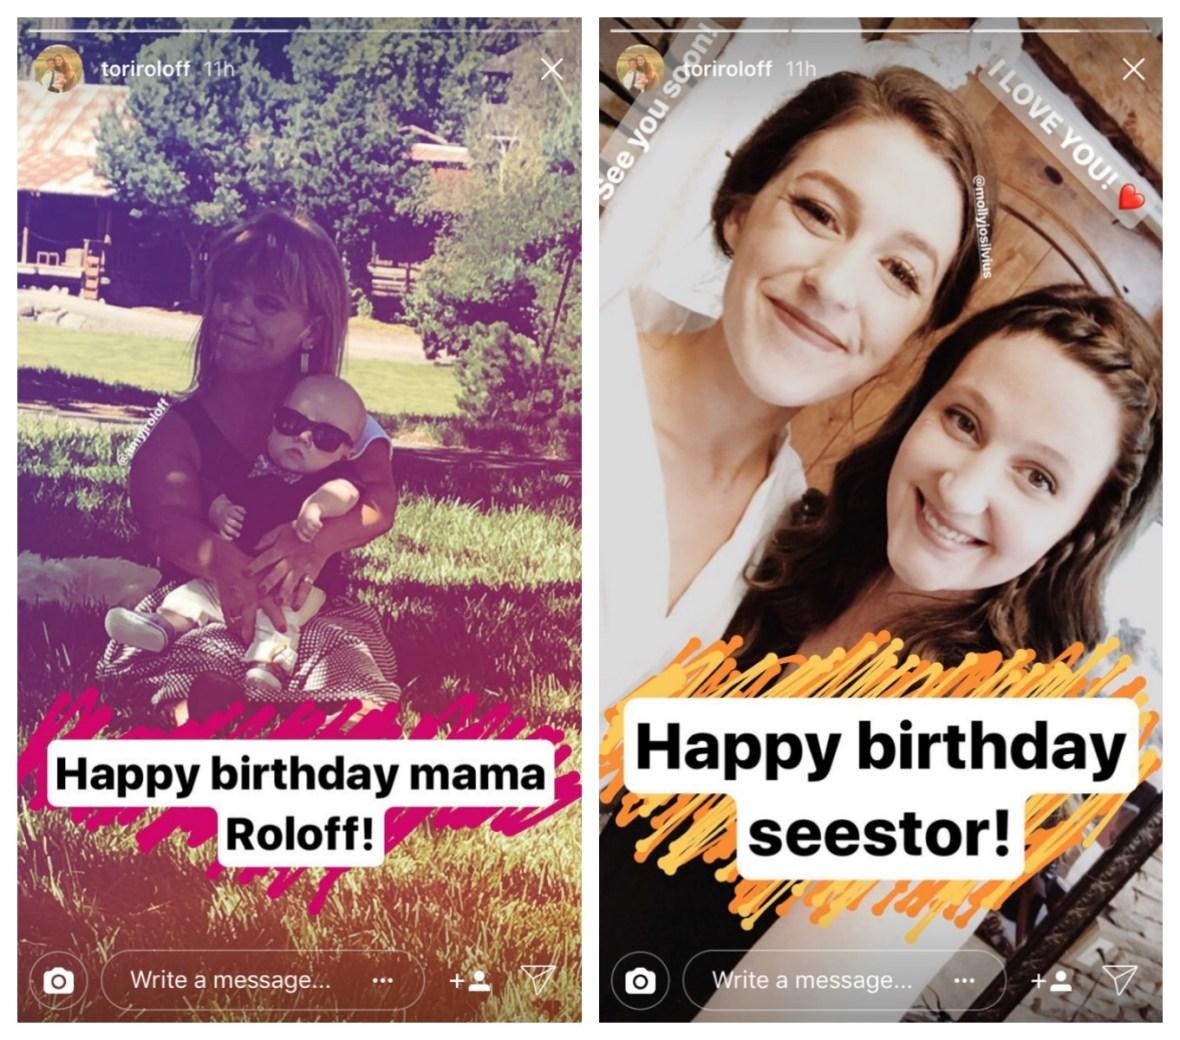 tori roloff amy roloff molly roloff birthday instagram